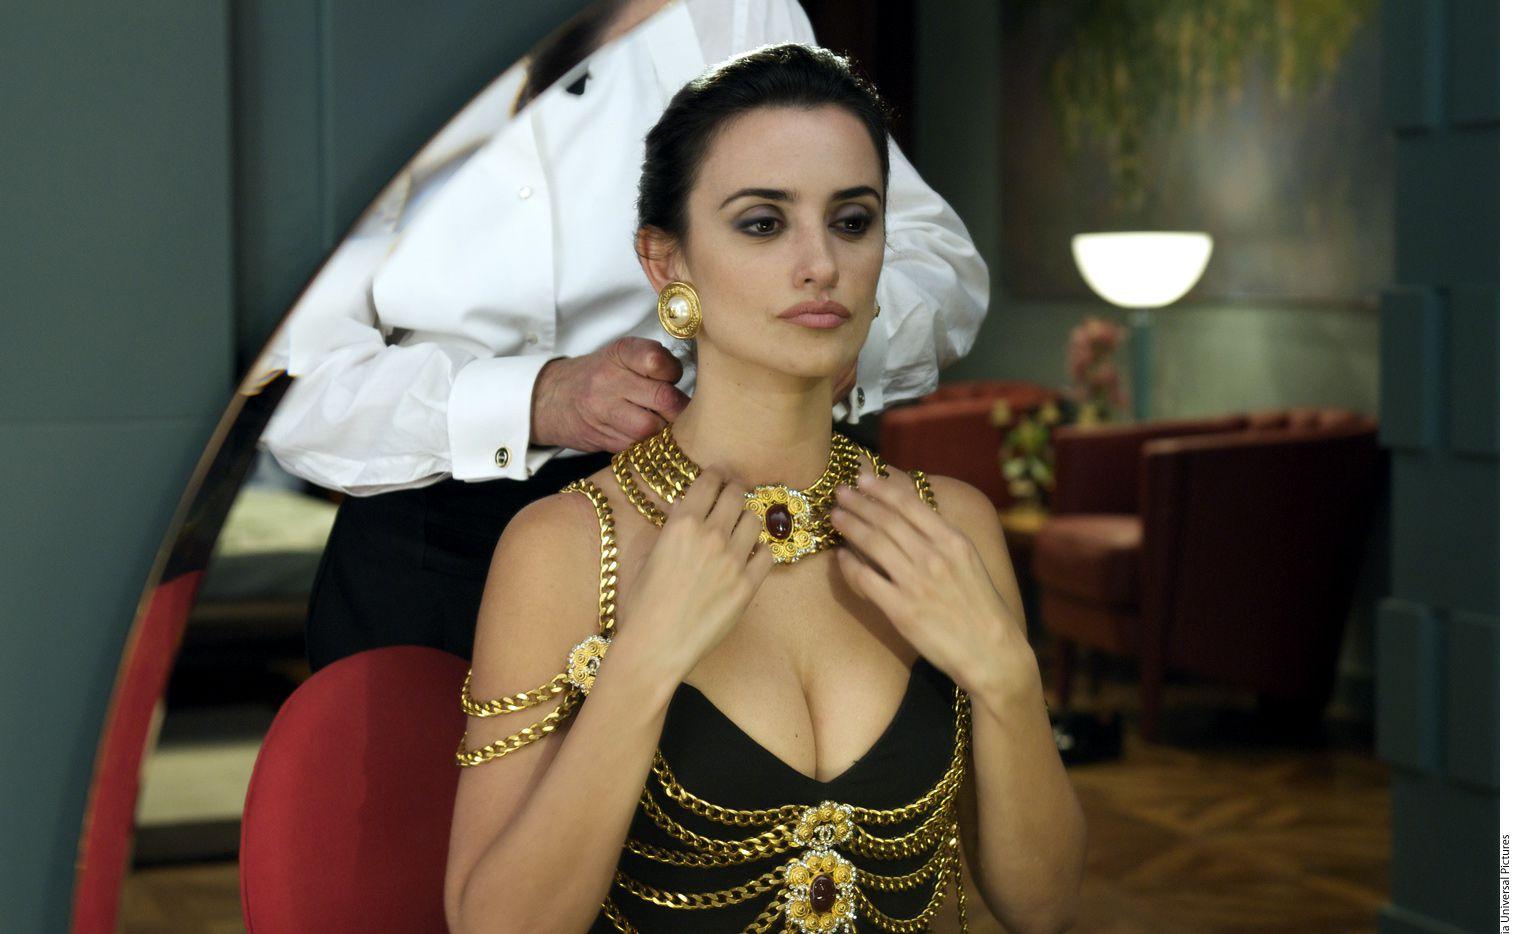 De acuerdo con la crítica, la actrioz española, Penélope Cruz (foto), suple con pasión su falta de precisión al interpretar a la diseñadora, de quien es amiga Donatella Versace./ AGENCIA REFORMA